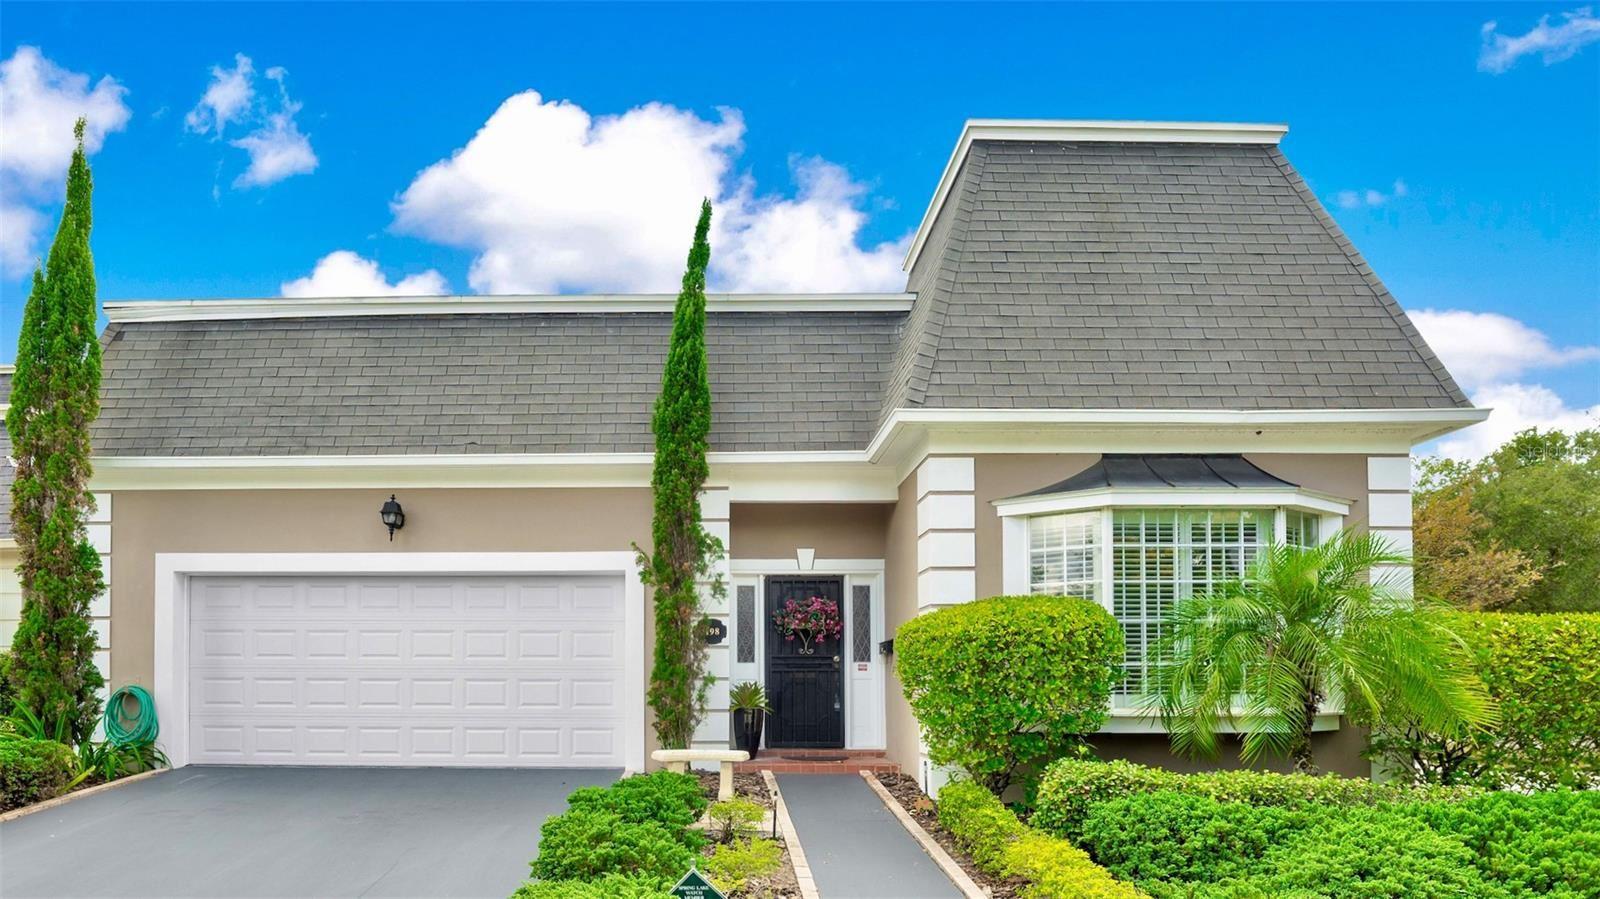 2198 N COUNTRYSIDE CIRCLE, Orlando, FL 32804 - #: O5979750